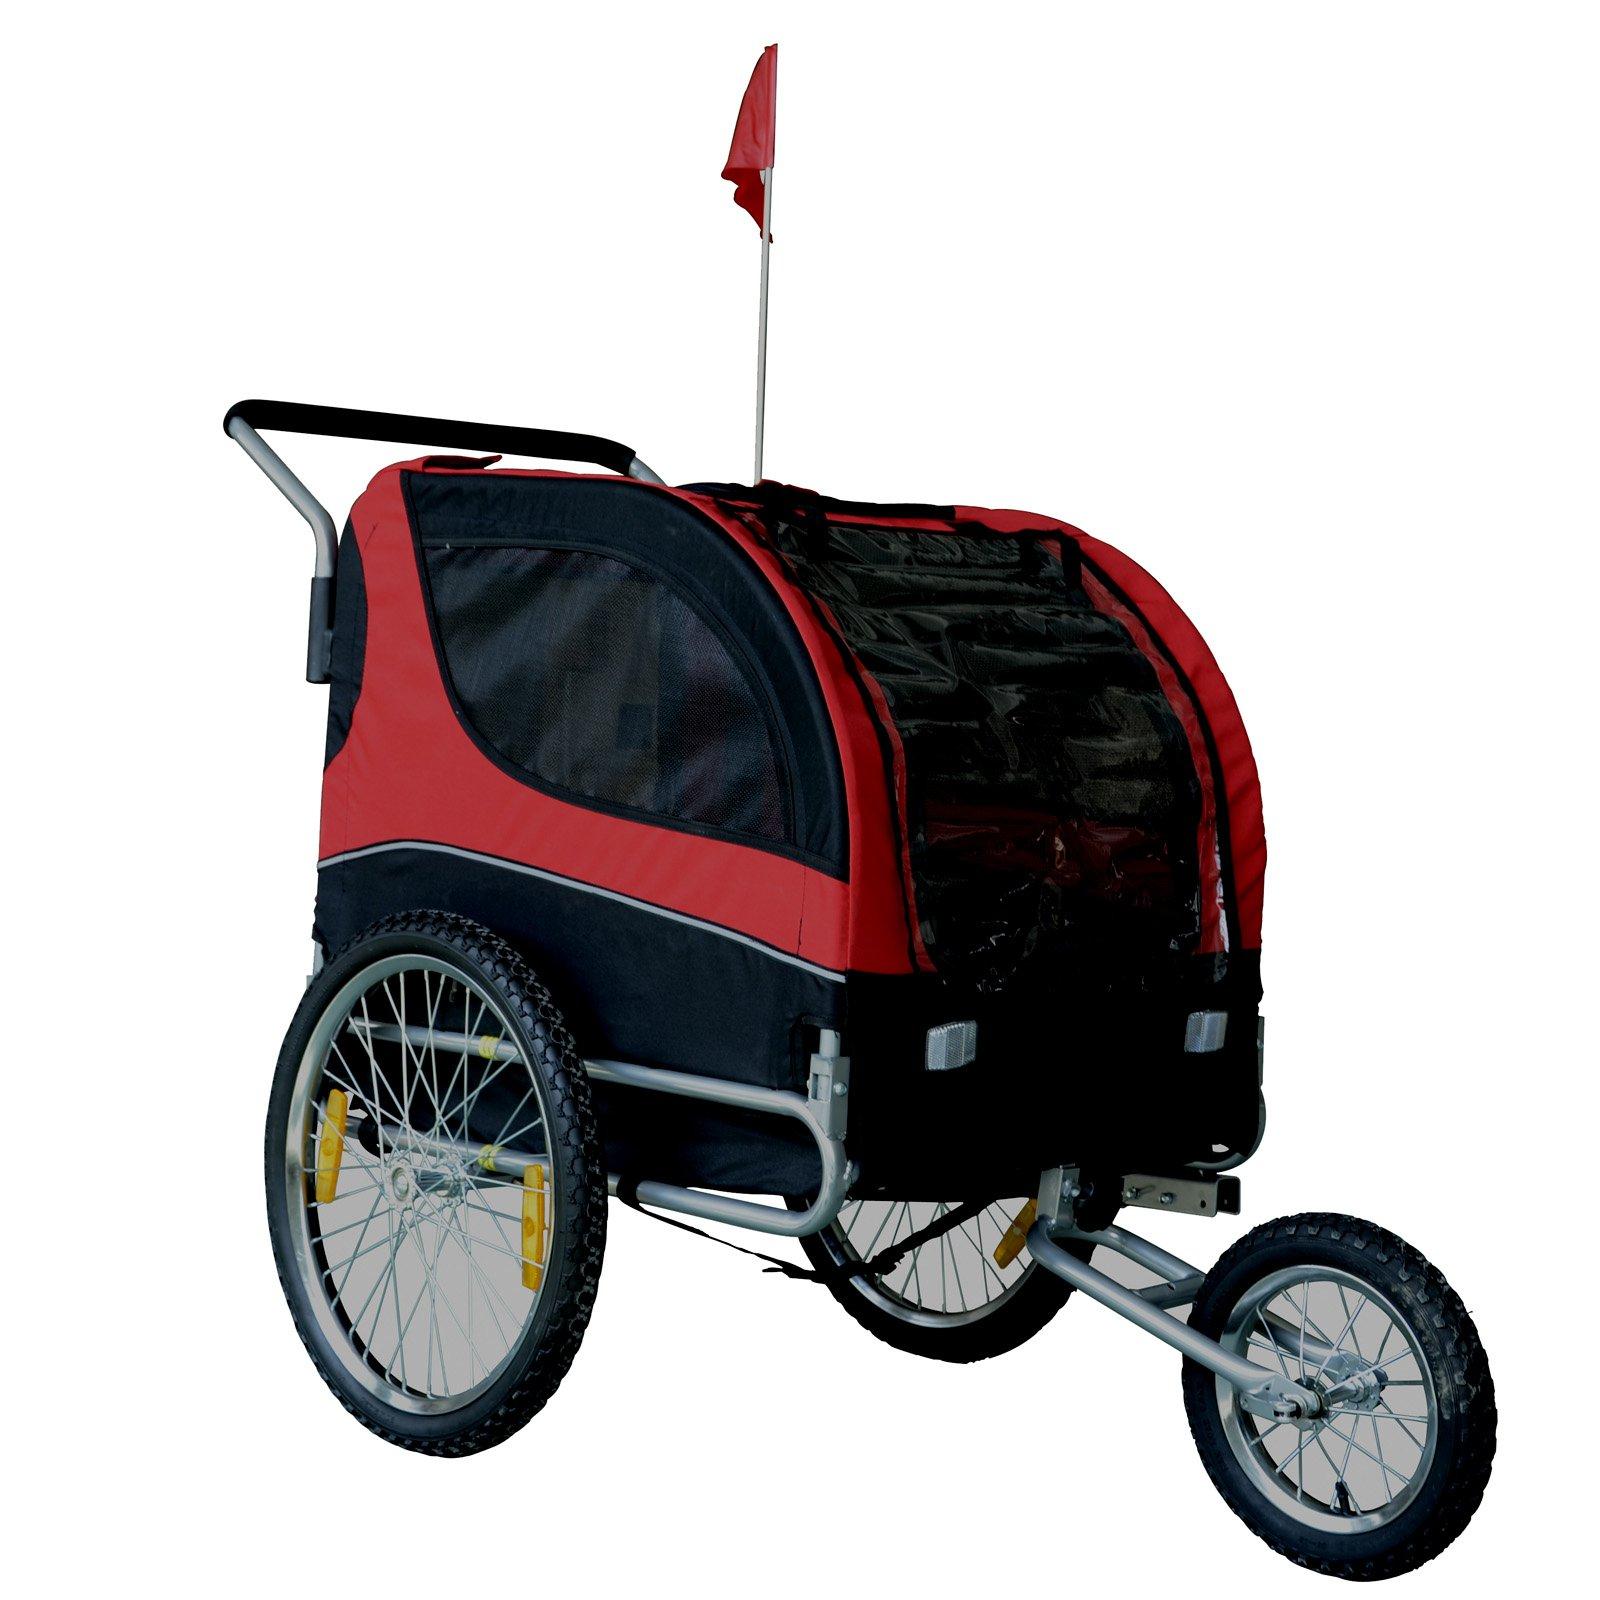 Mdog MK0291 Comfy Pet Bike Trailer & Jogging Stroller - Red/Black